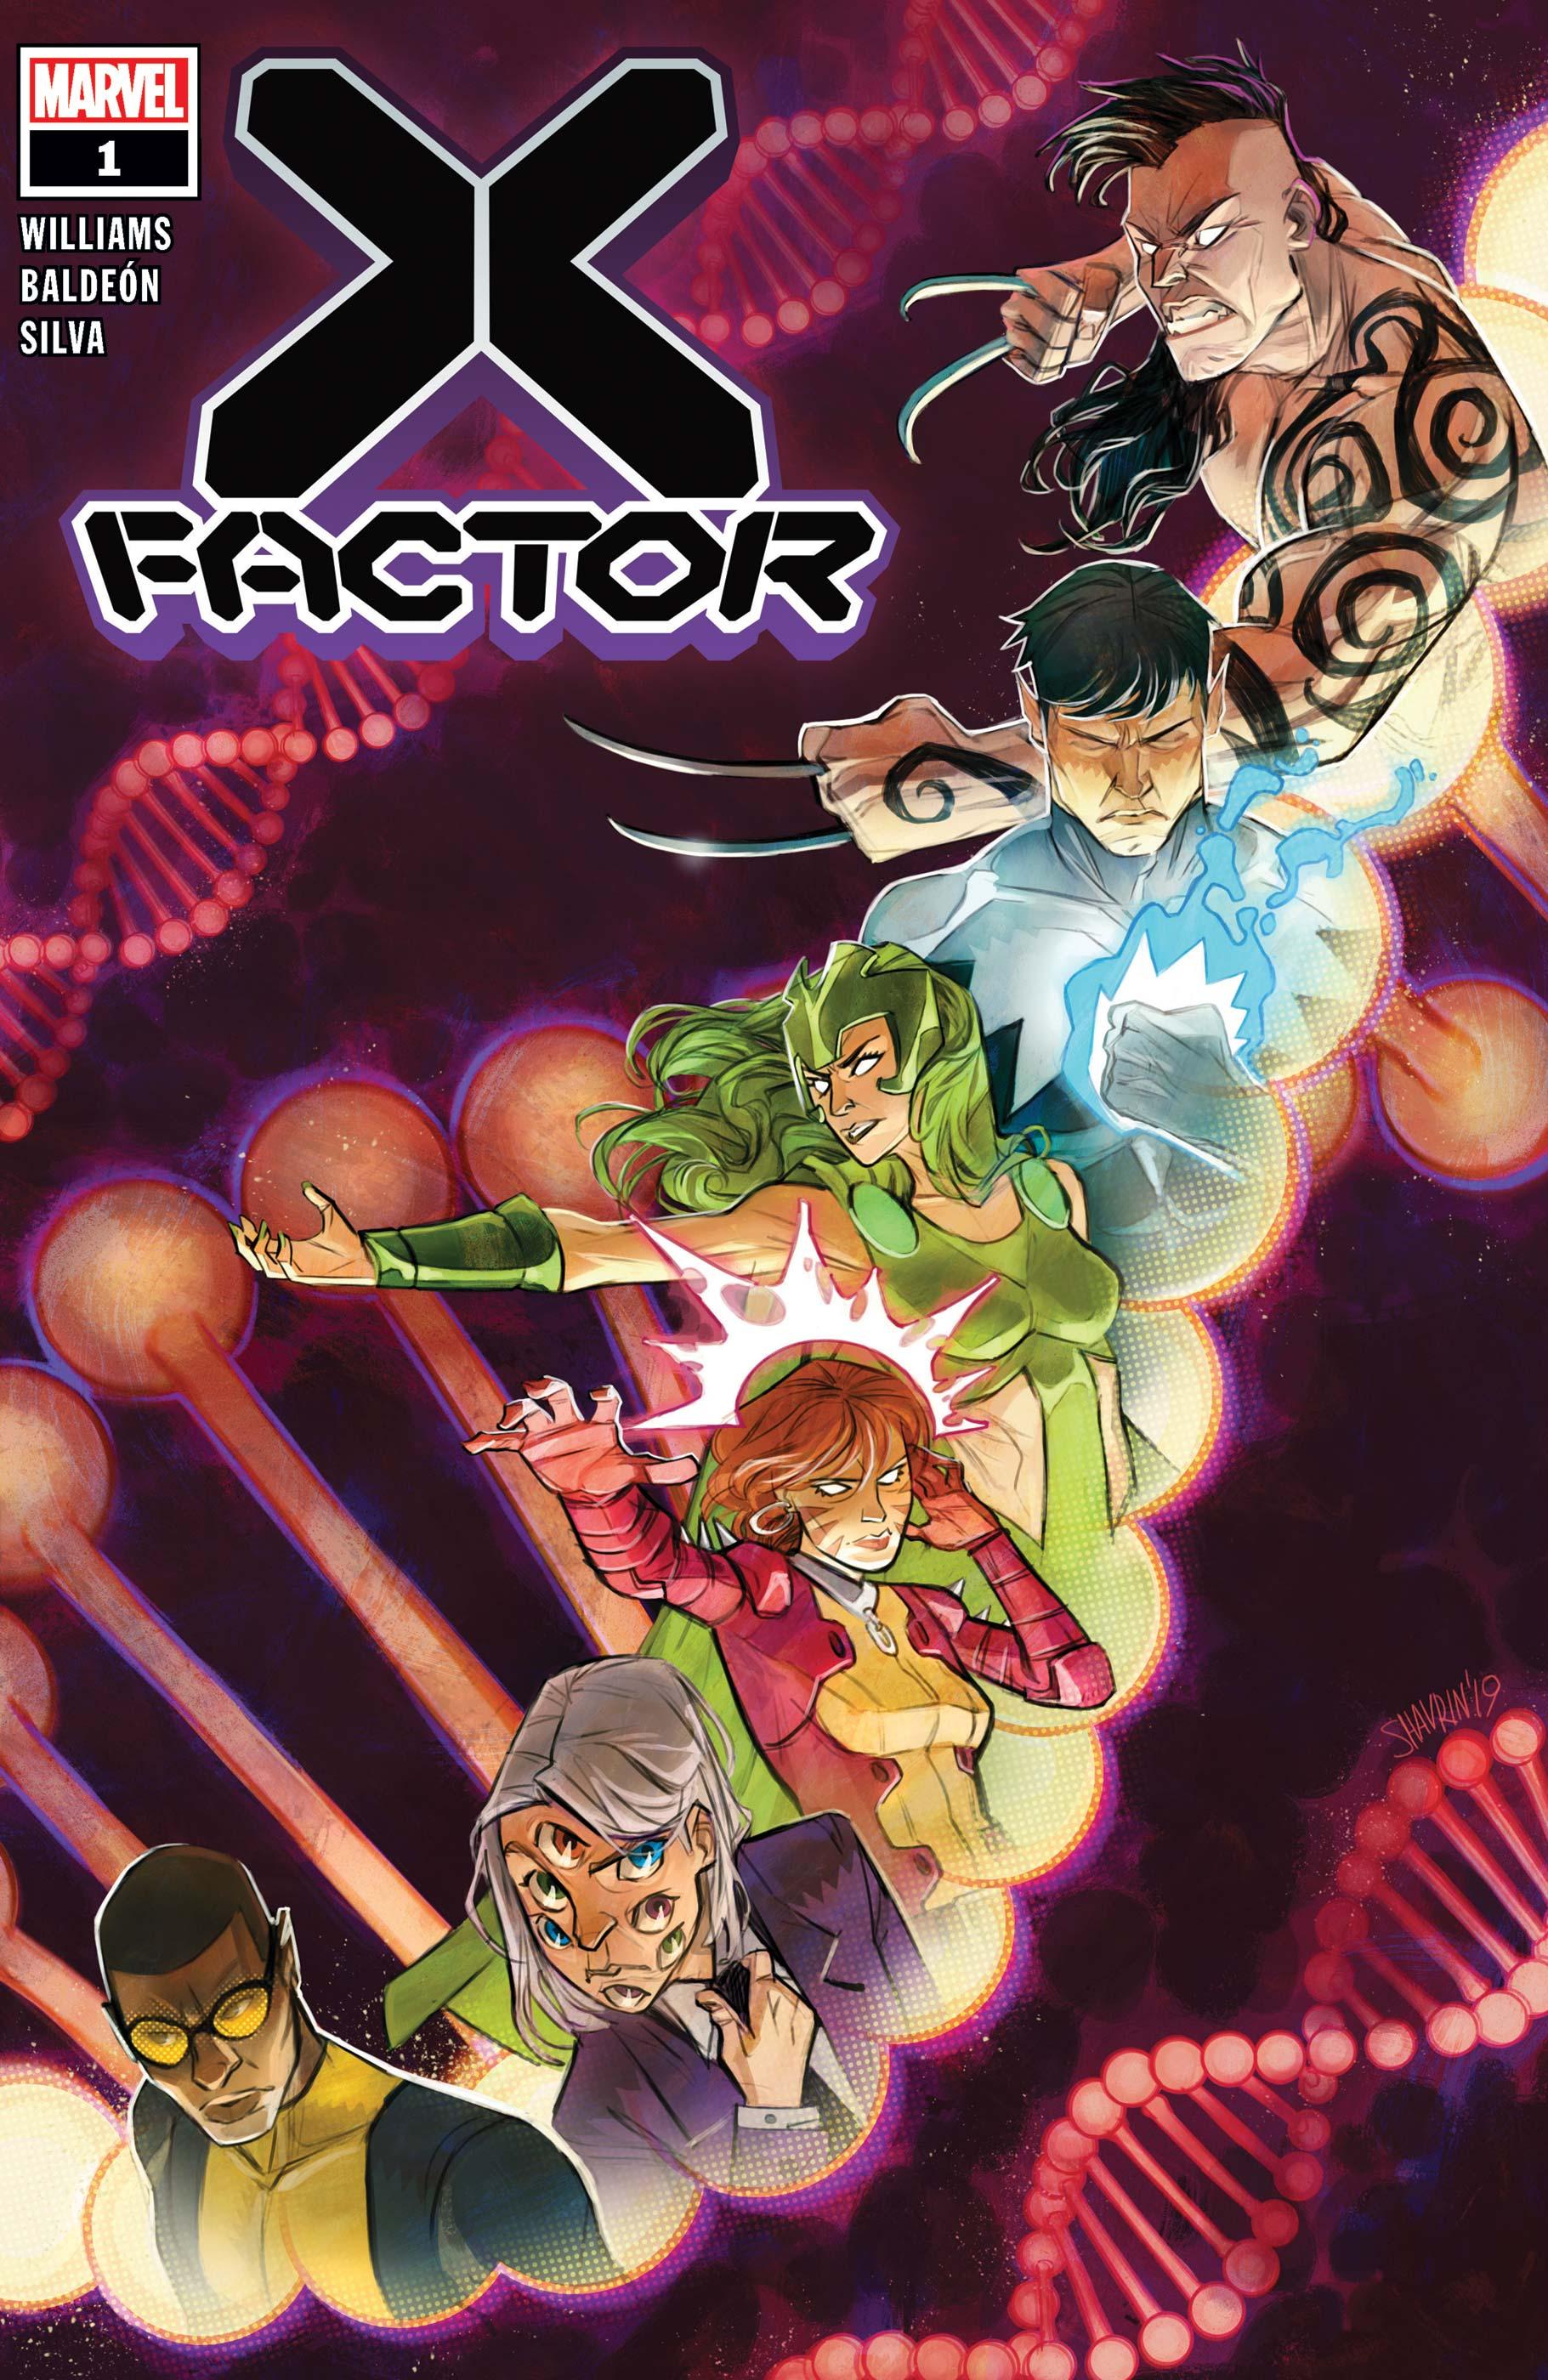 X-Factor #1-Marvel Comics(2020)